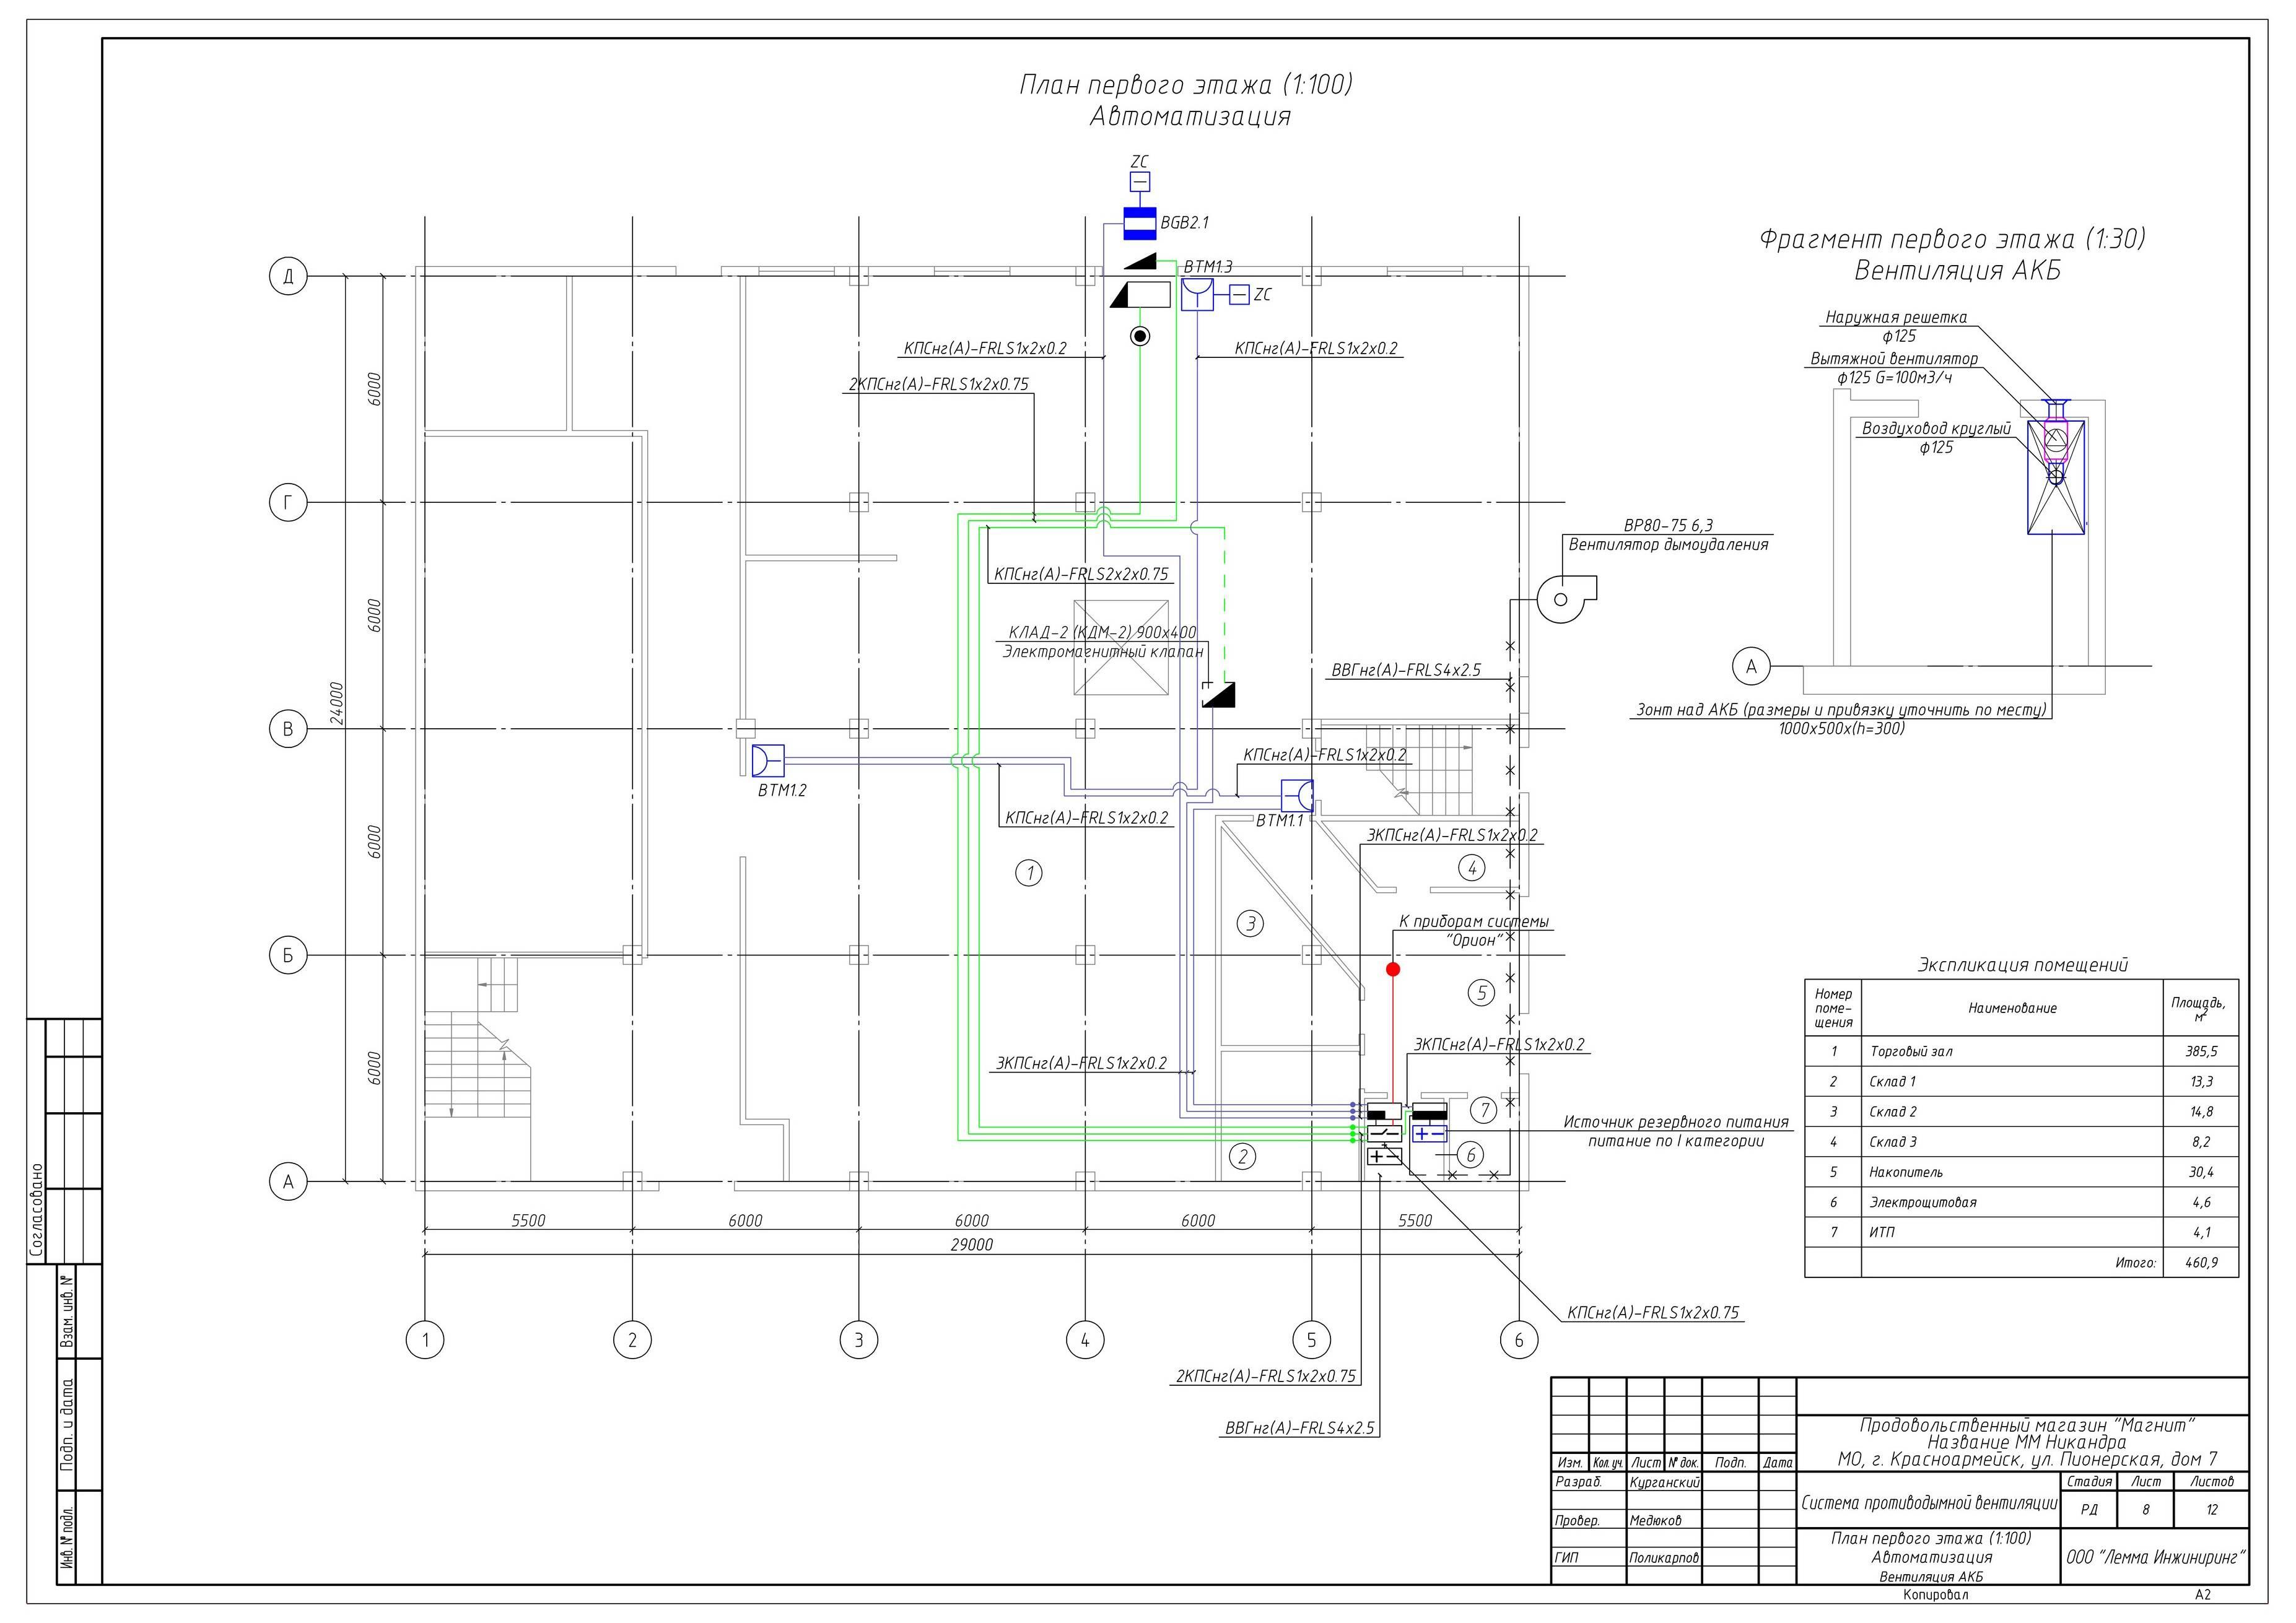 Системы дымоудаления и противодымной вентиляции: особенности и отличия приточной, вытяжной и комбинированного типа установок